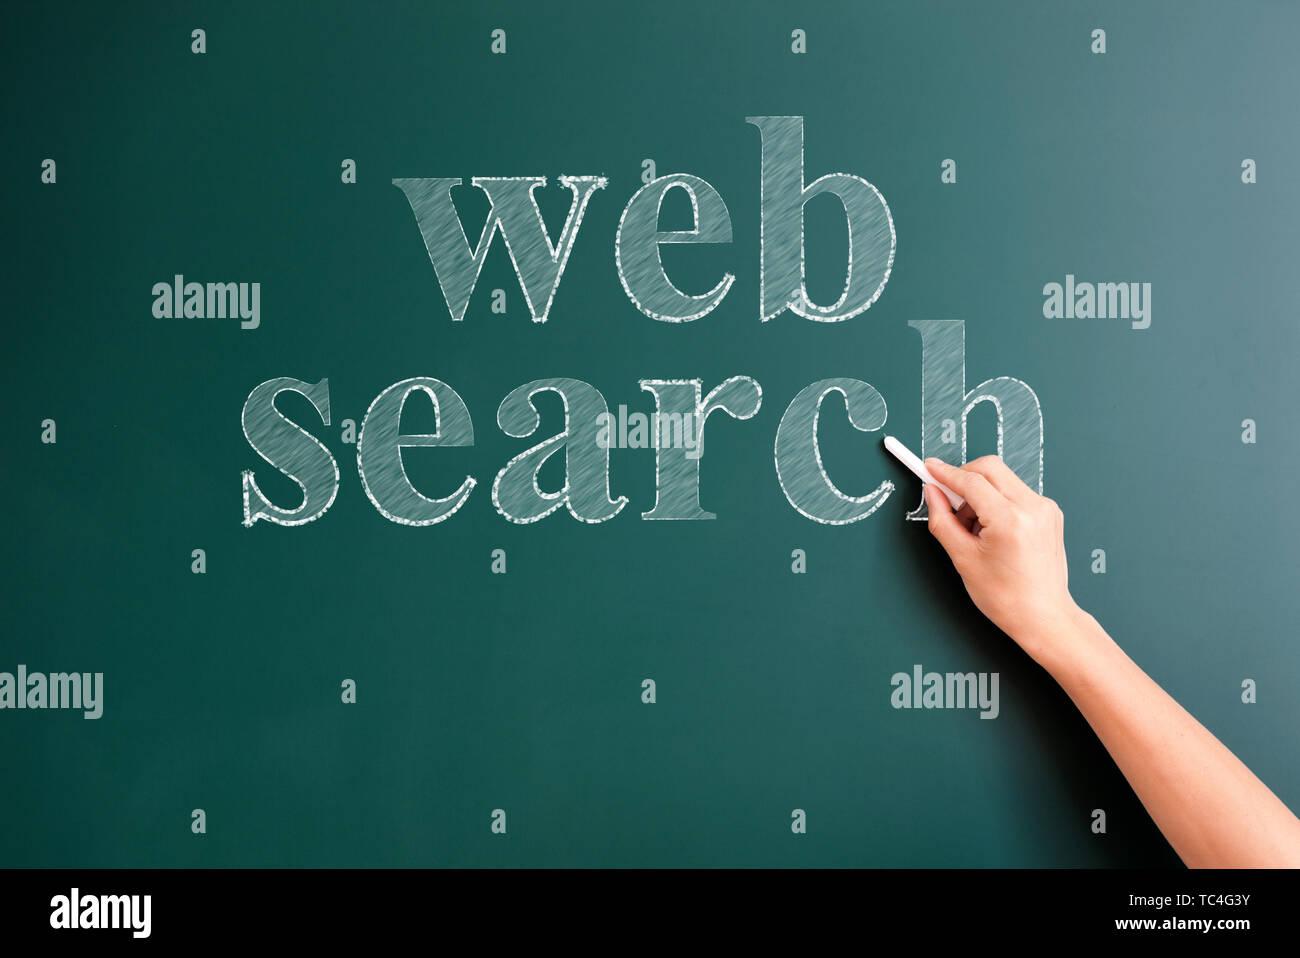 web search written on blackboard - Stock Image